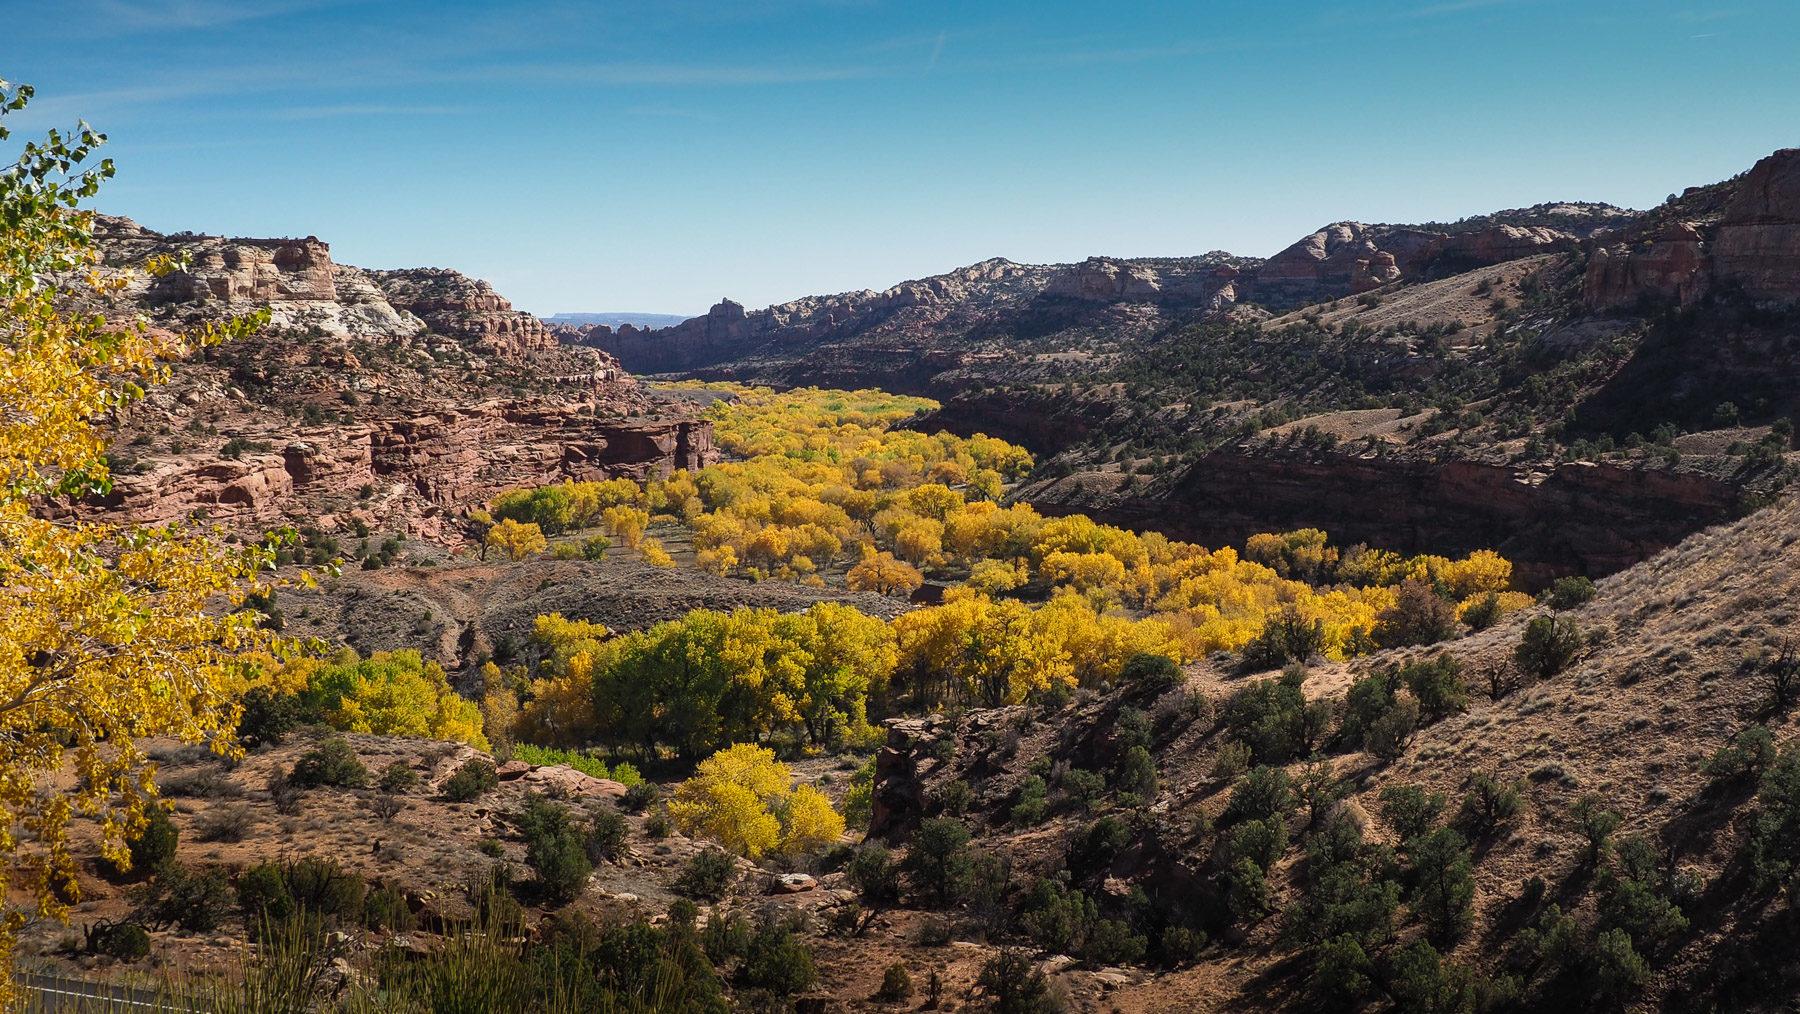 Die Canyons mit herbstlich gefärbten Cottonwoods – wunderschön!